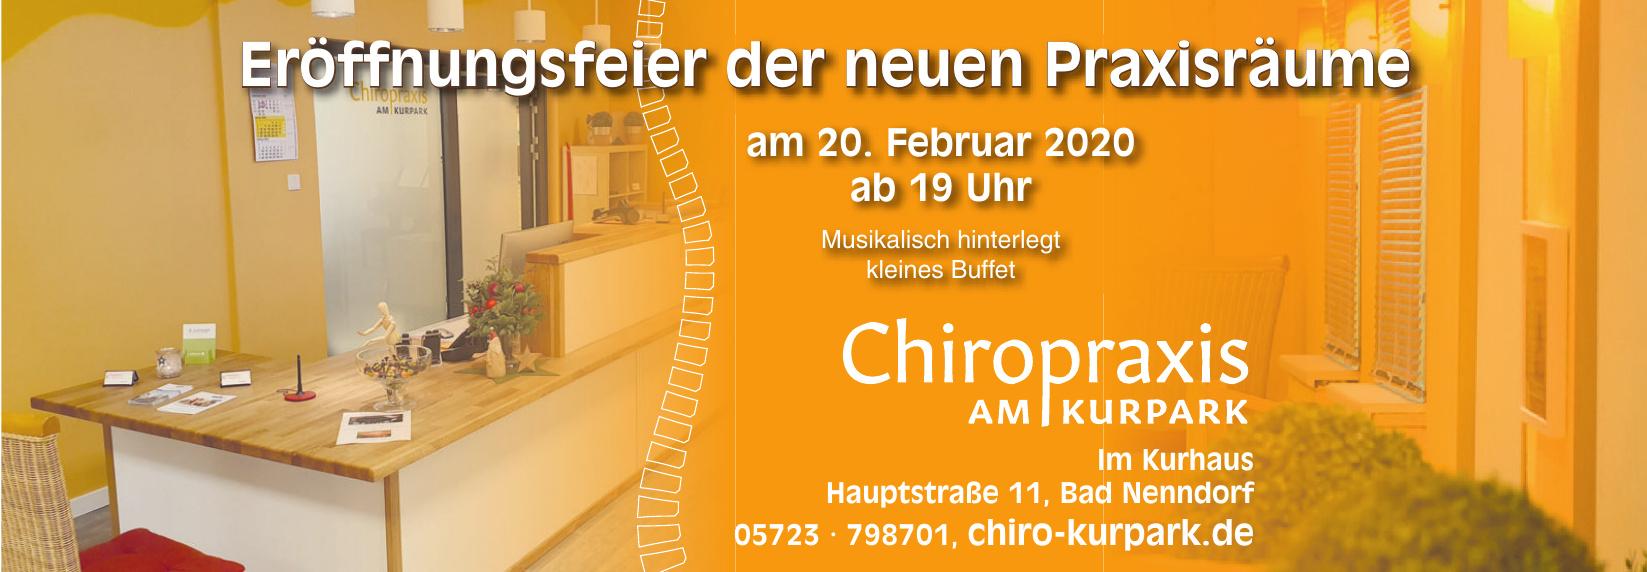 Chiropraxis Am Kurpark